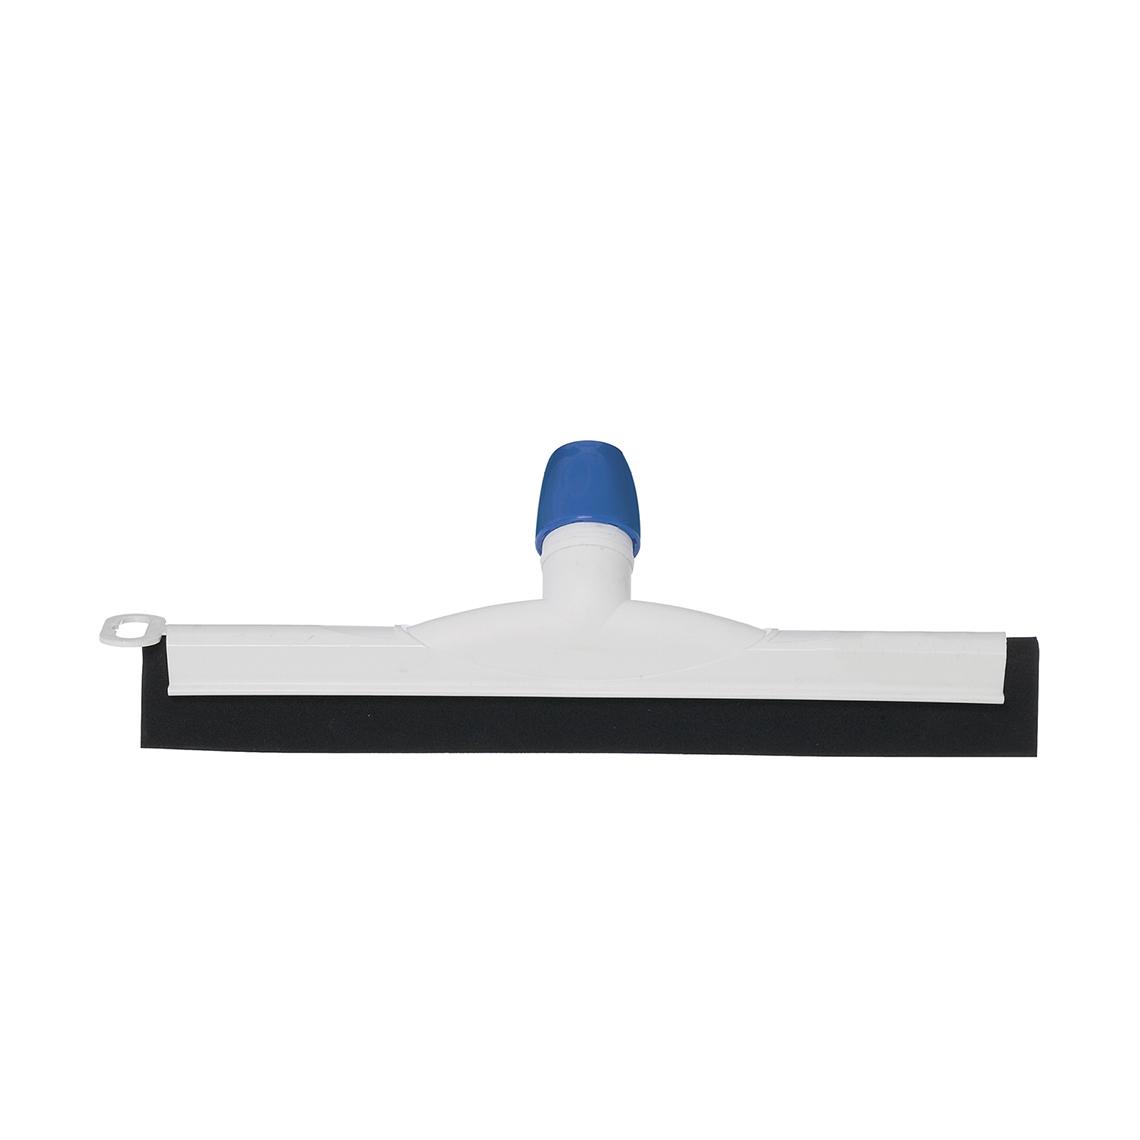 Sanitary Floor Squeegee - 35cm